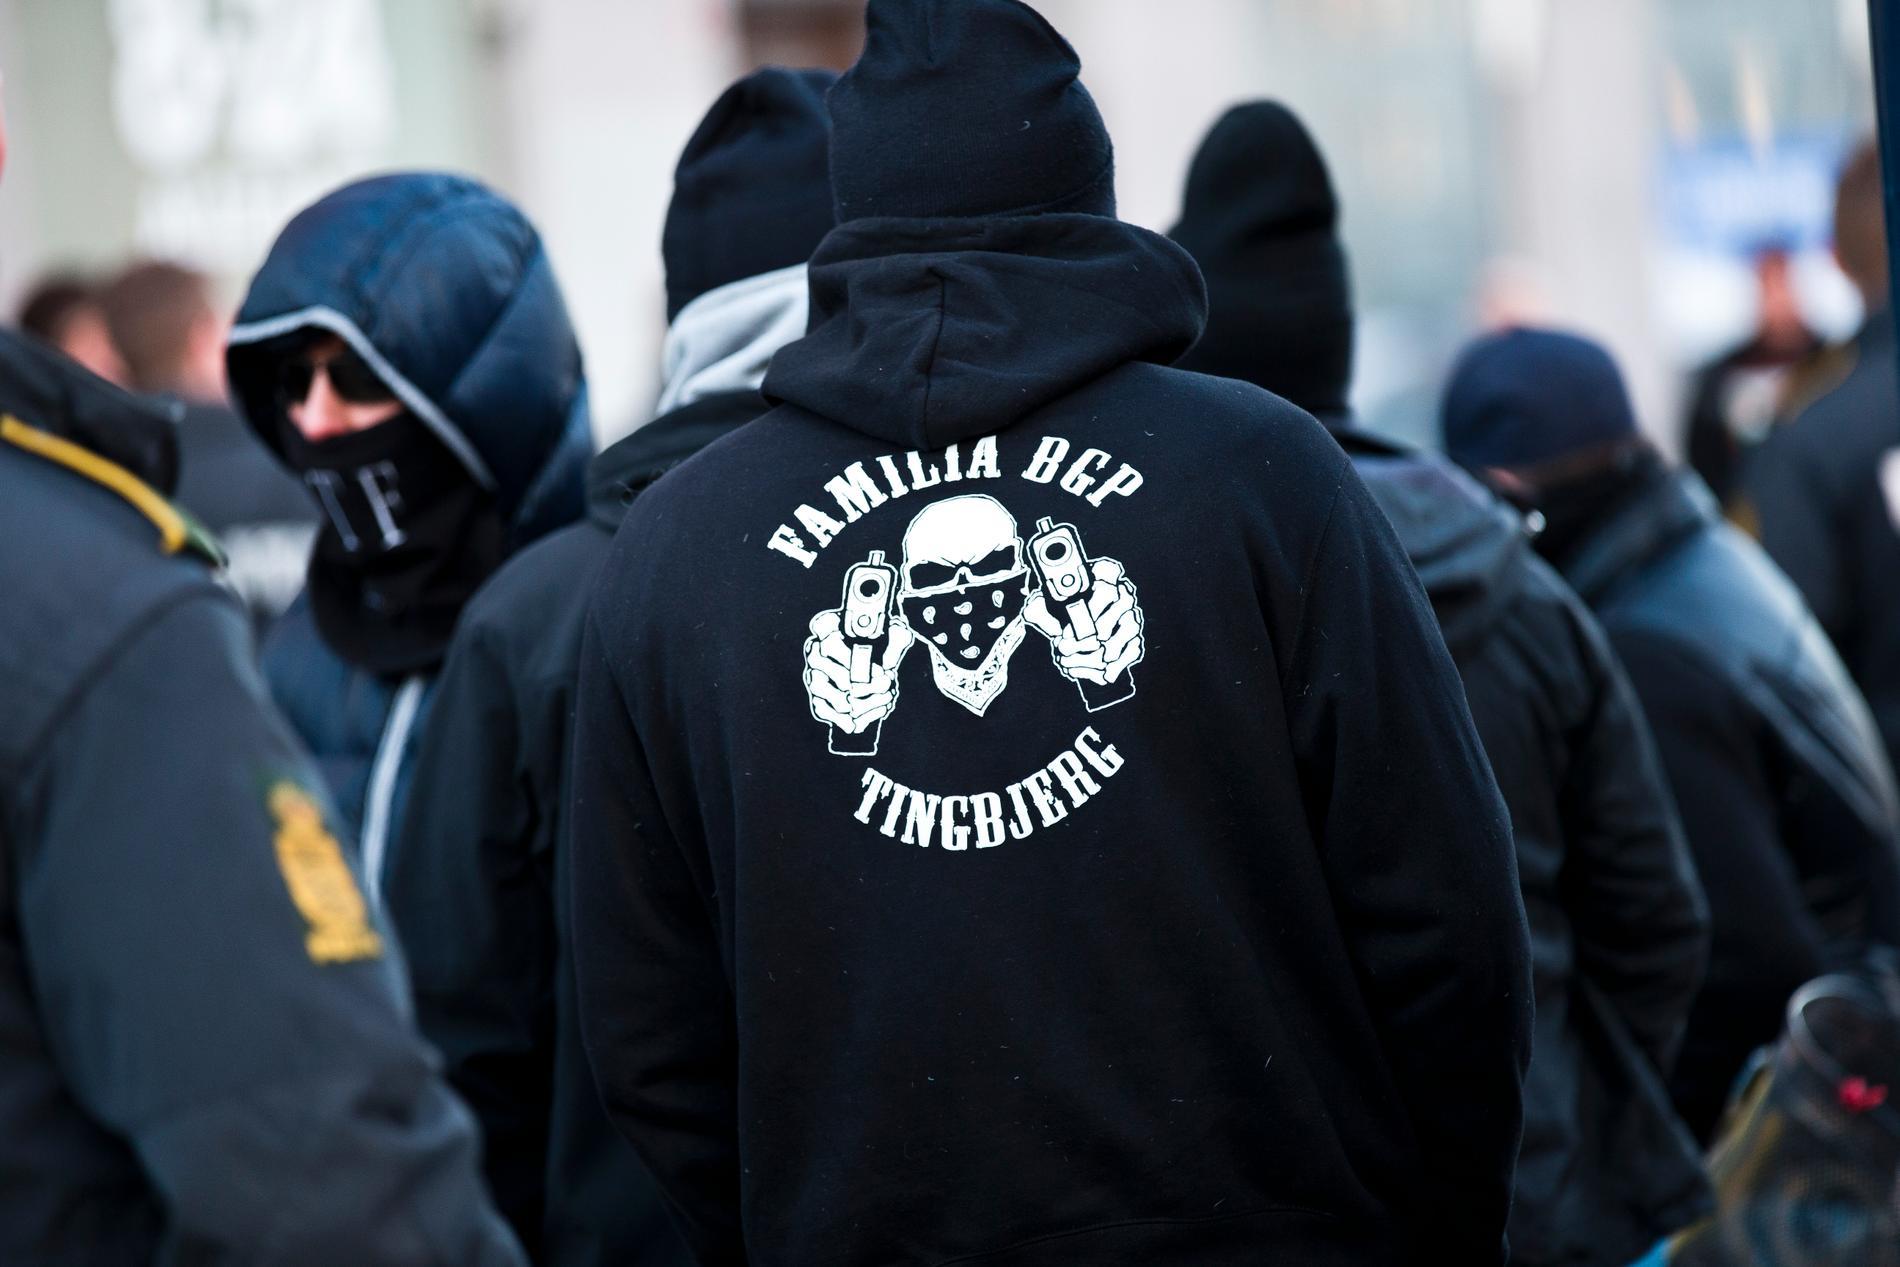 Det kriminella gänget Loyal to familia (LTF) marknadsförde sig hårt med exempelvis luvtröjor med sin logga på. Sedan hösten 2018 har LTF varit förbjudet i Danmark. Arkivbild.